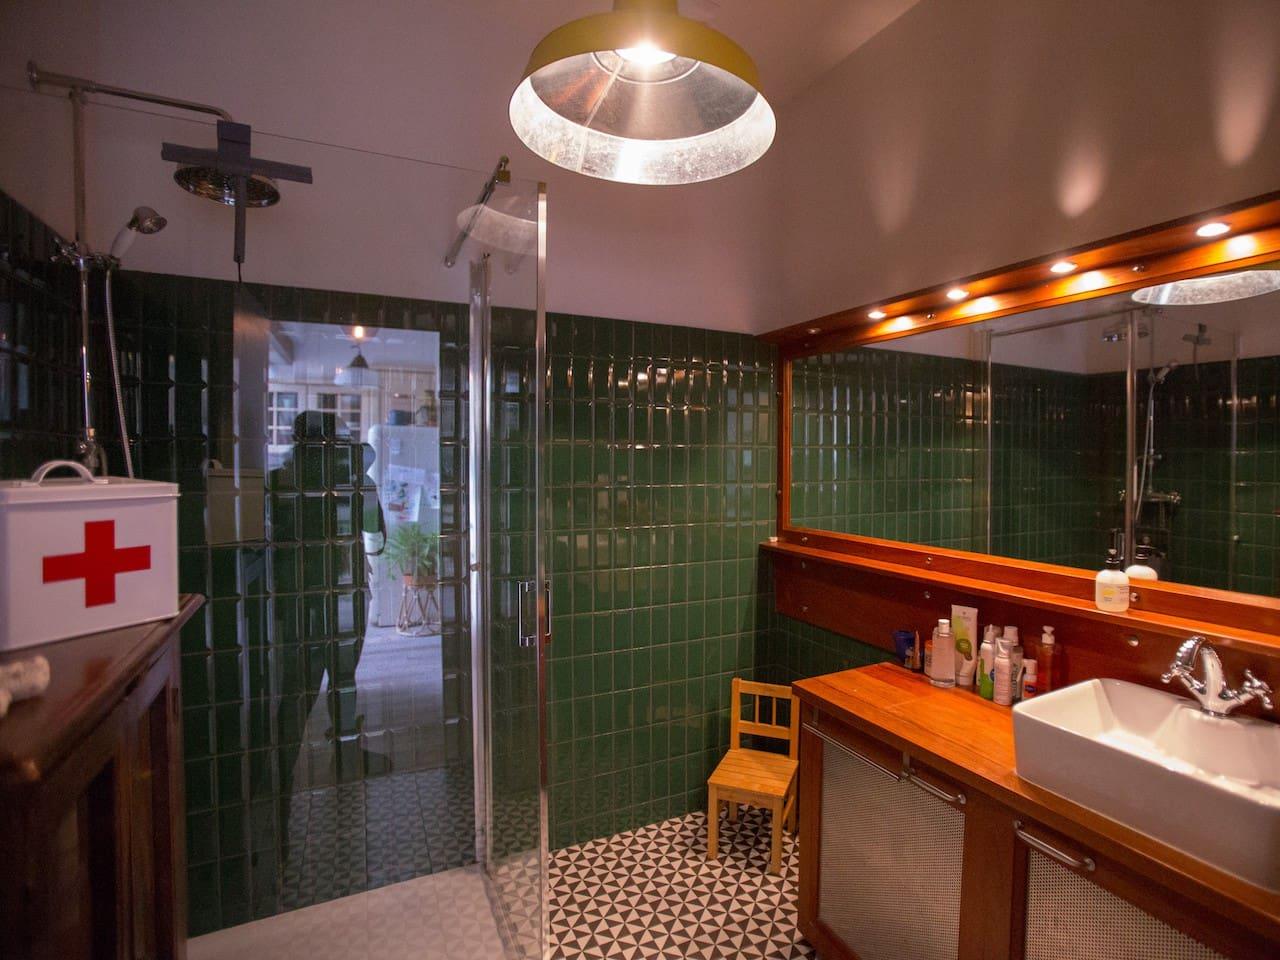 Salle de bains RDC avec douche, robinetterie vintage et rangements